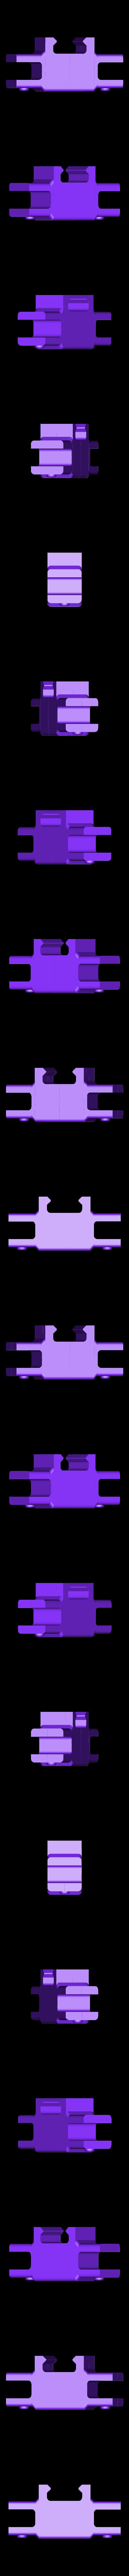 socket_3-8_TwoSided.stl Télécharger fichier STL gratuit Organiseur de prises avec rail, double • Objet pour impression 3D, danielscatigno